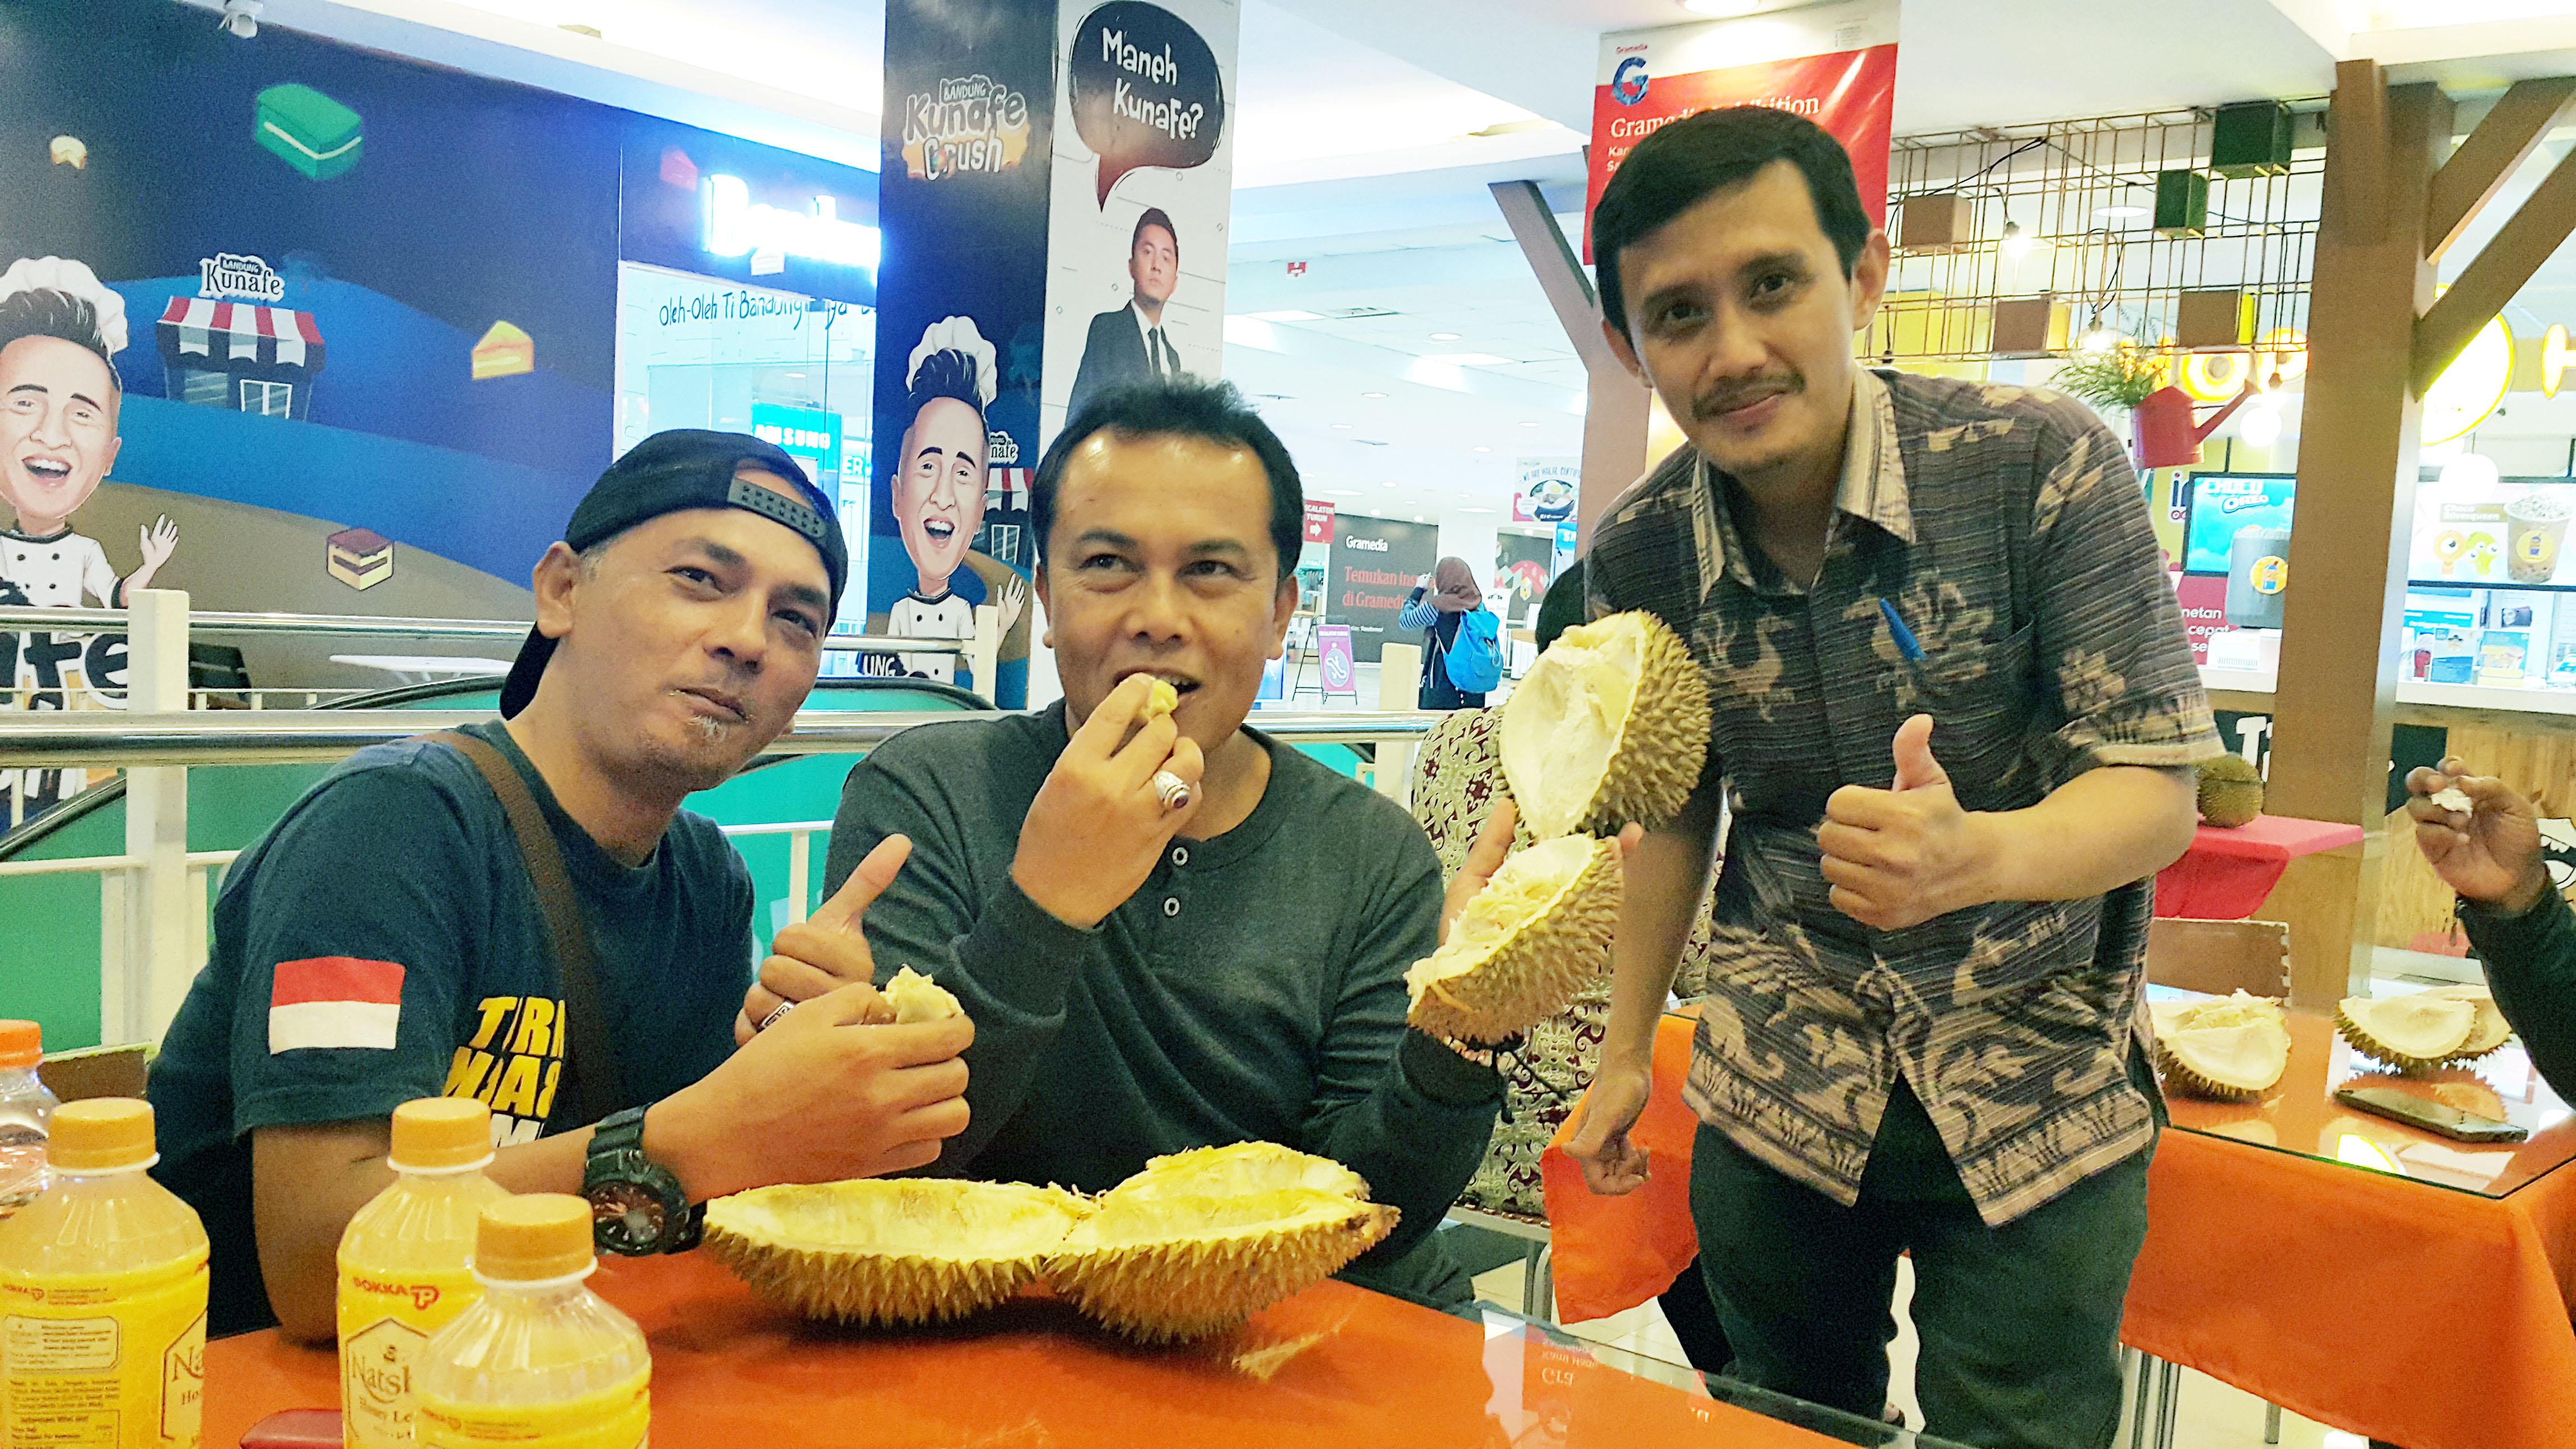 Para pengunjung Miko Mall tampak sangat menikmati makan buah durian dalam acara festival makan durian sepuasnya yang digelar pihak panitia.